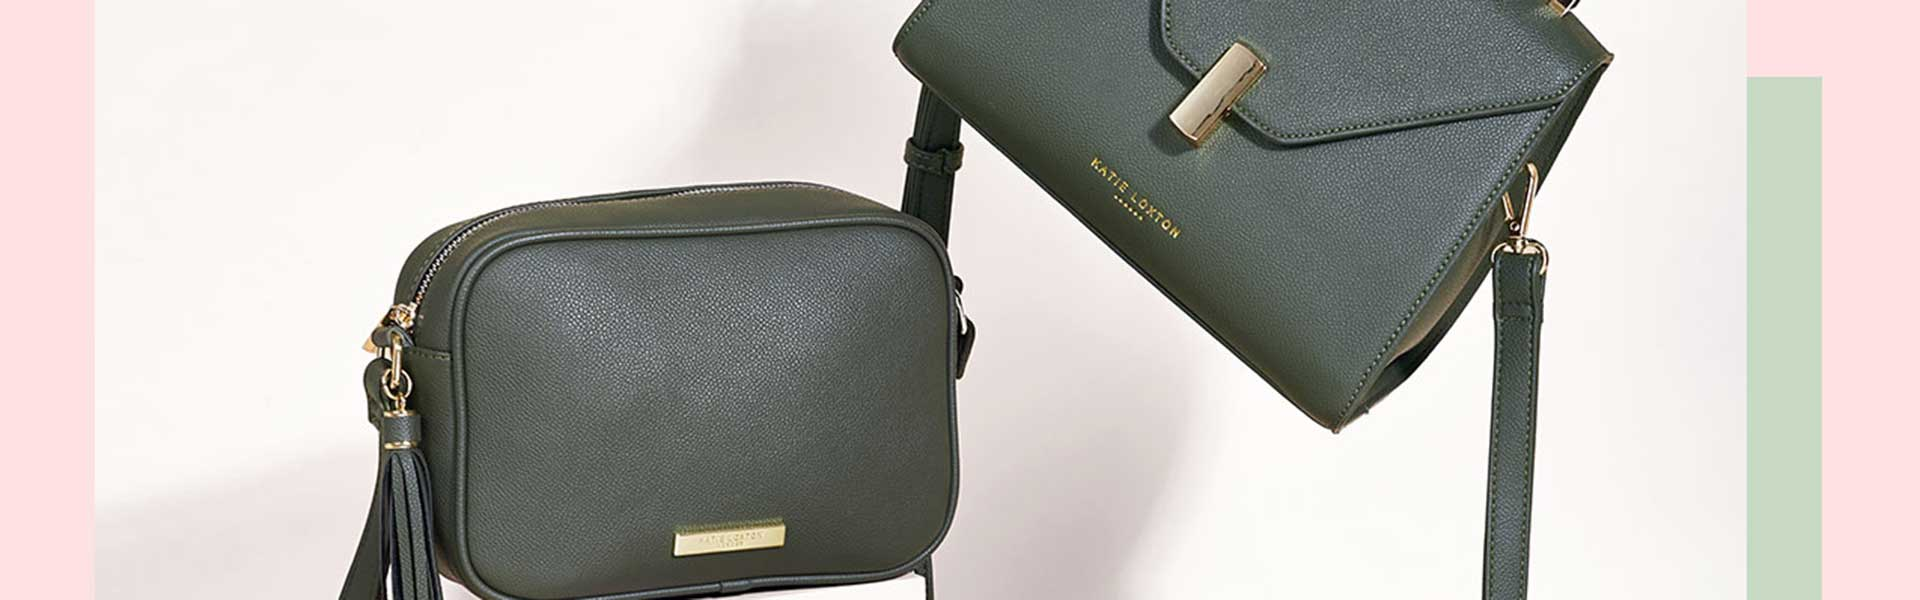 Katie Loxton sustainable green handbags